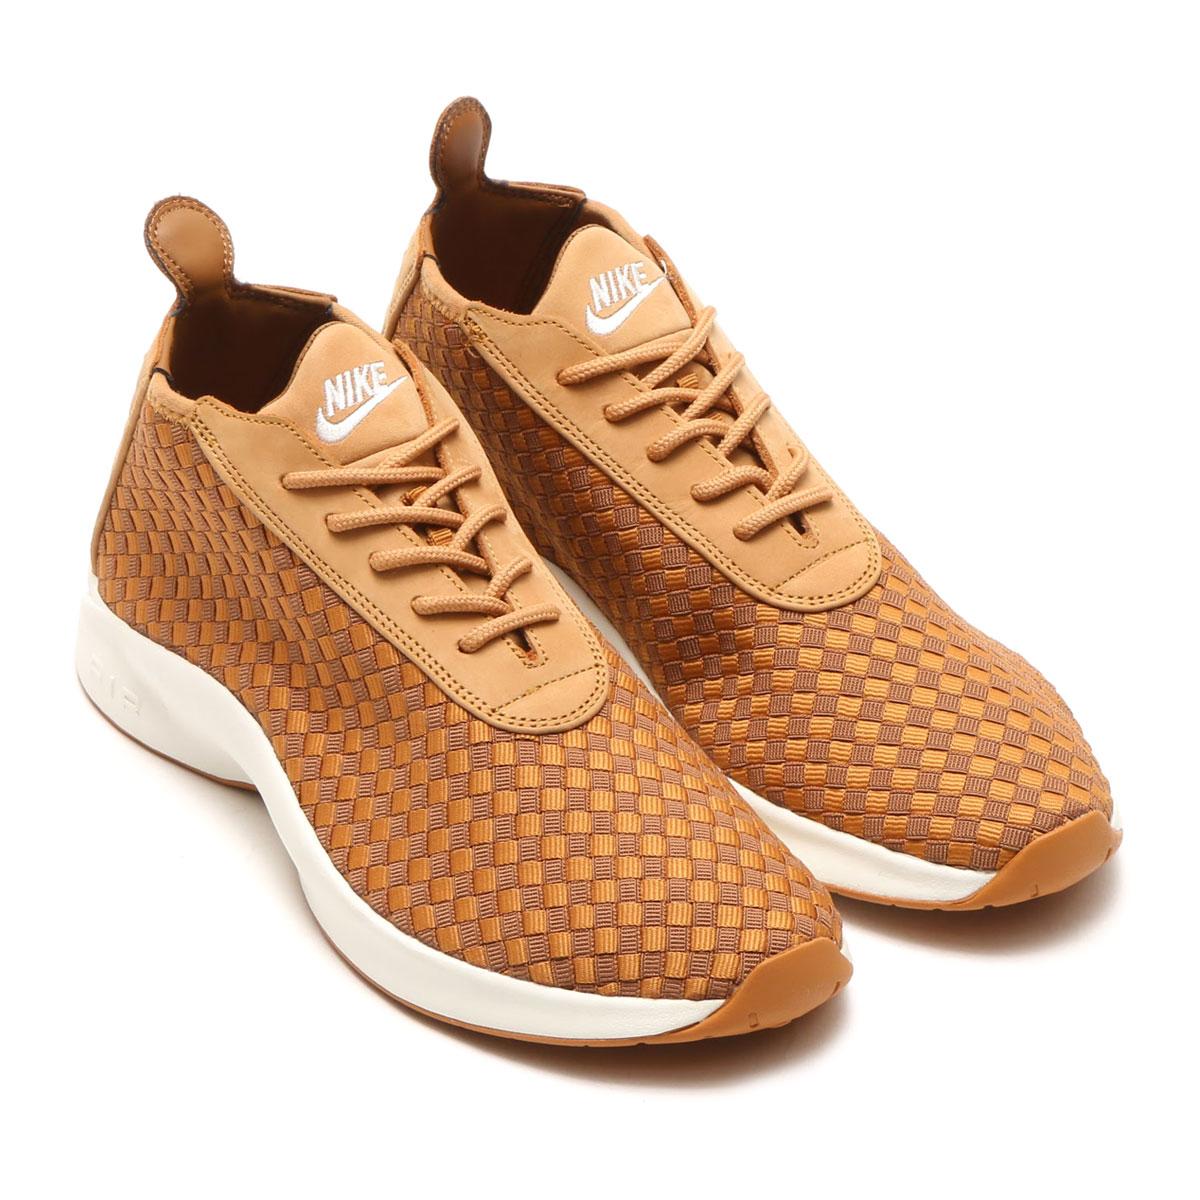 54b145f60e4 NIKE AIR WOVEN BOOT (FLAX ALE BROWN-SAIL-GUM MED BROWN) (Nike air Woo boots)